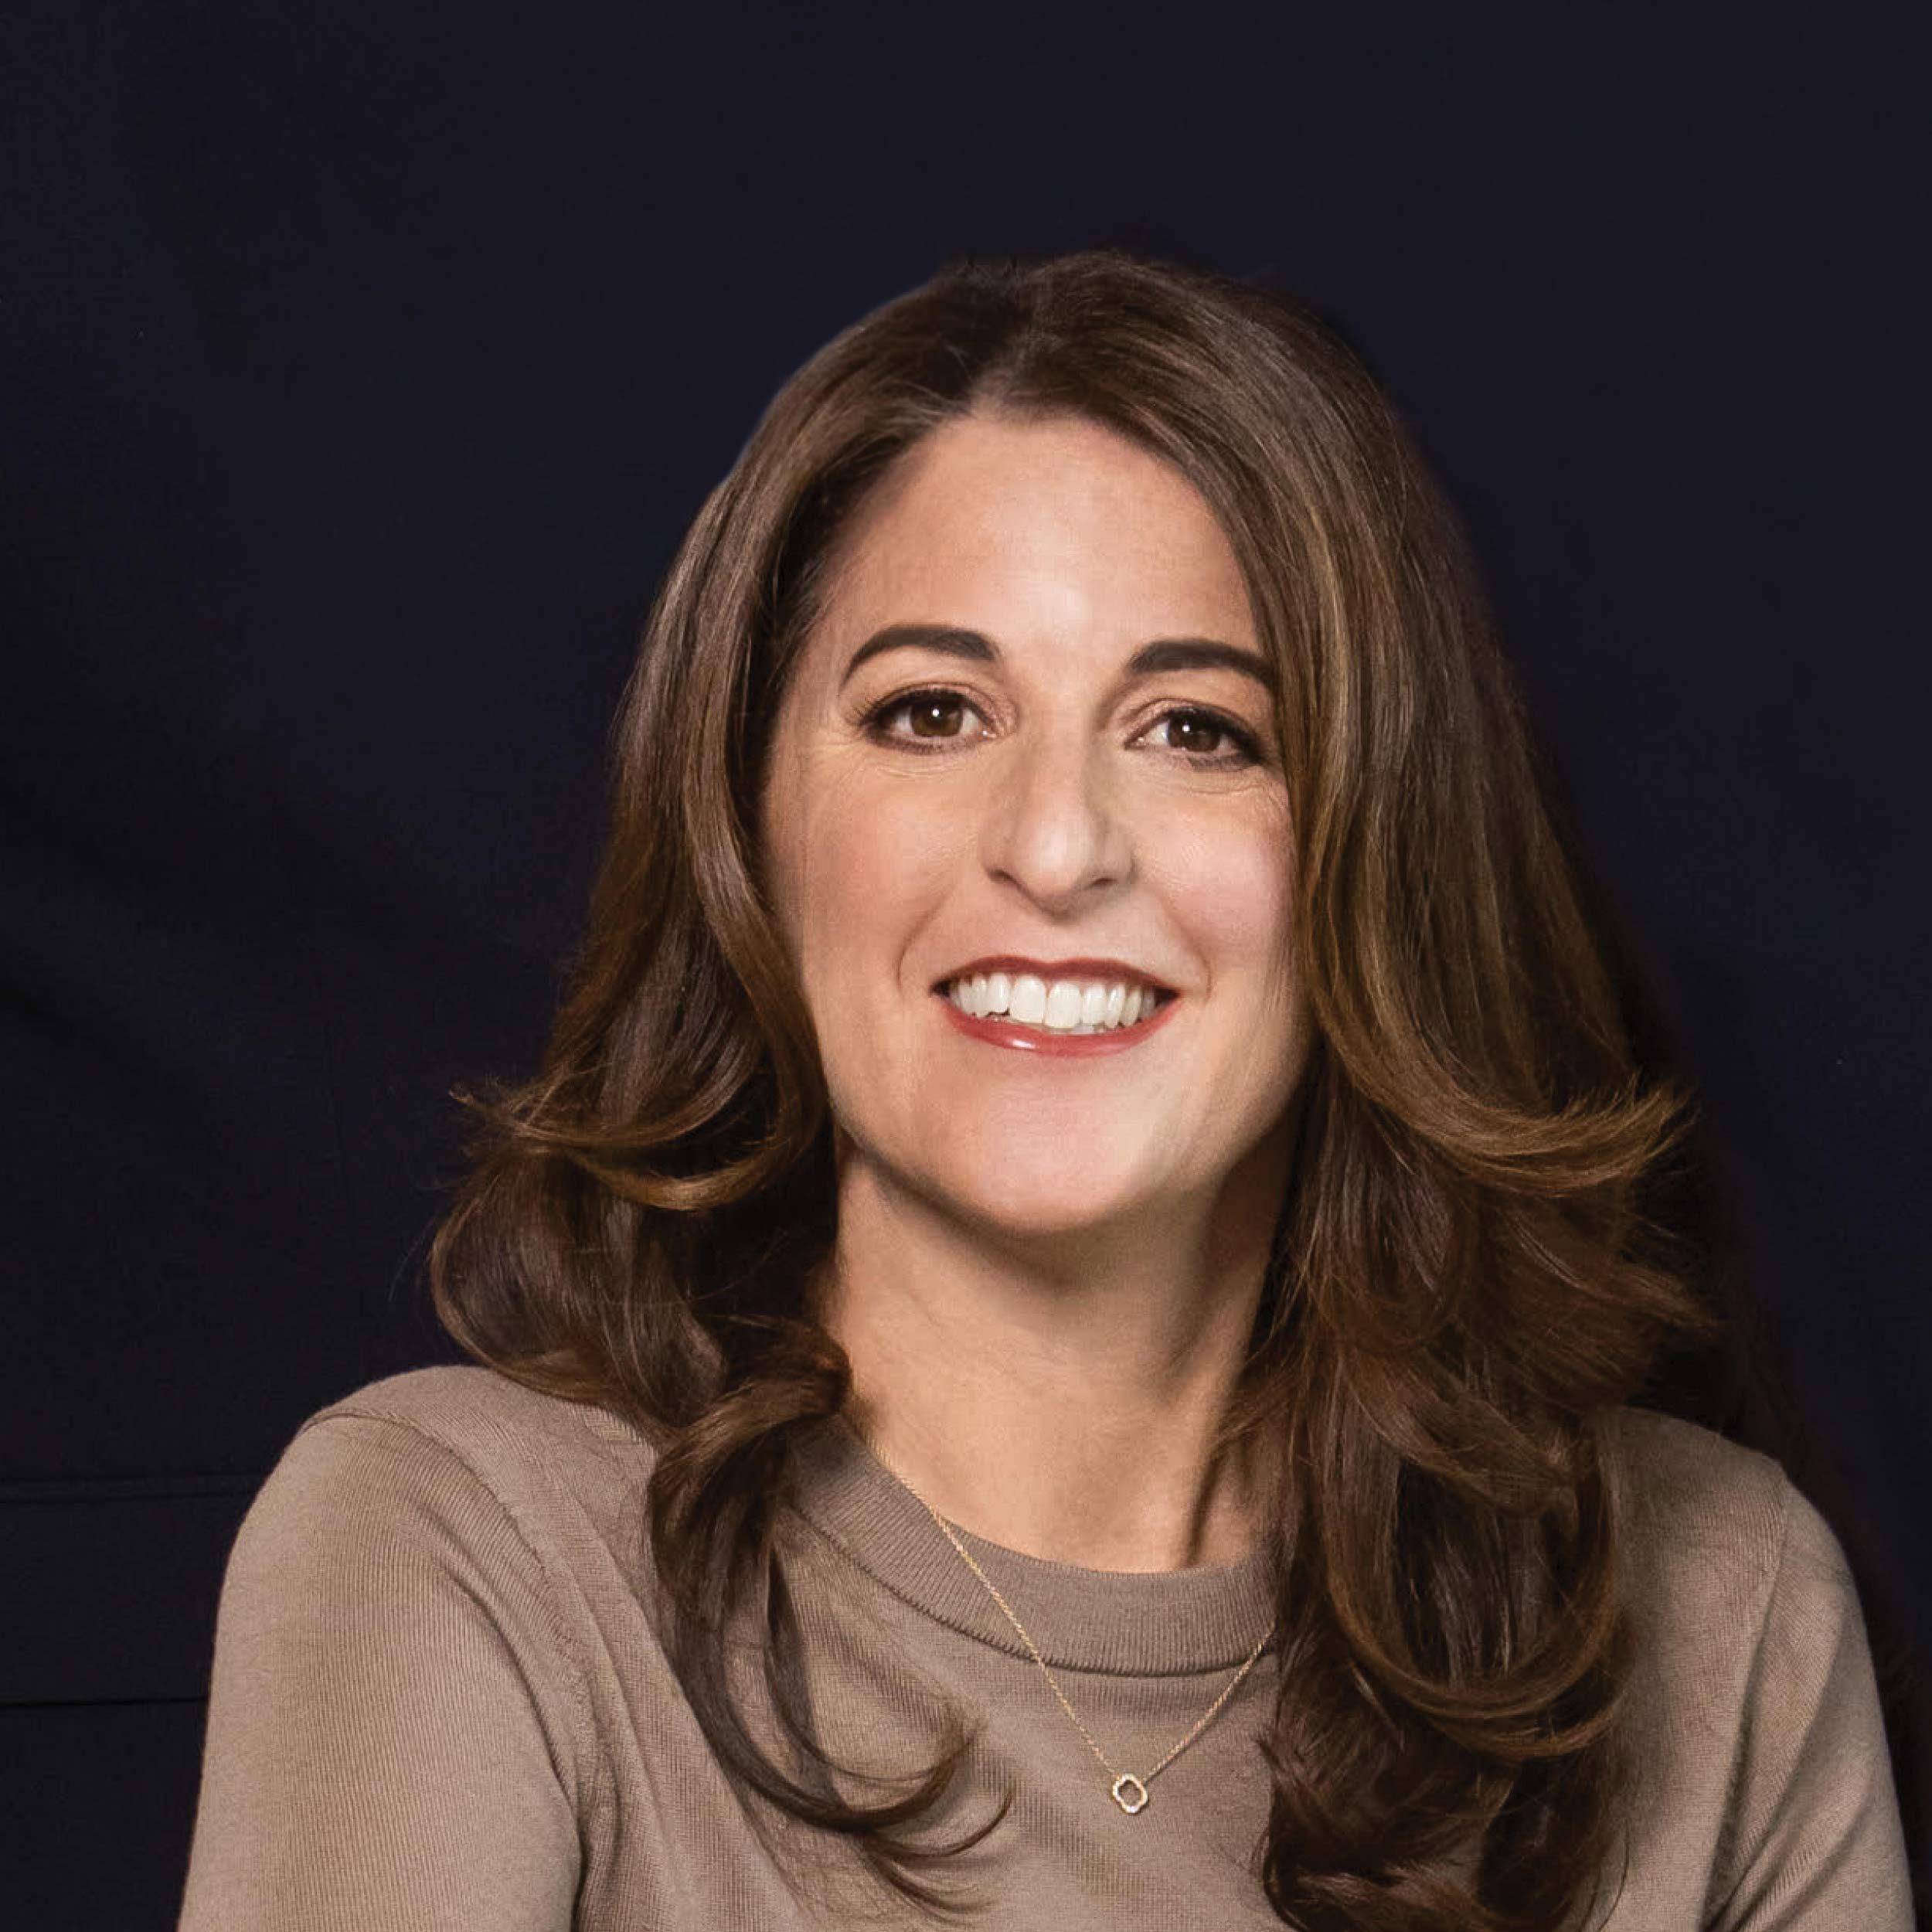 Jennifer Rinella